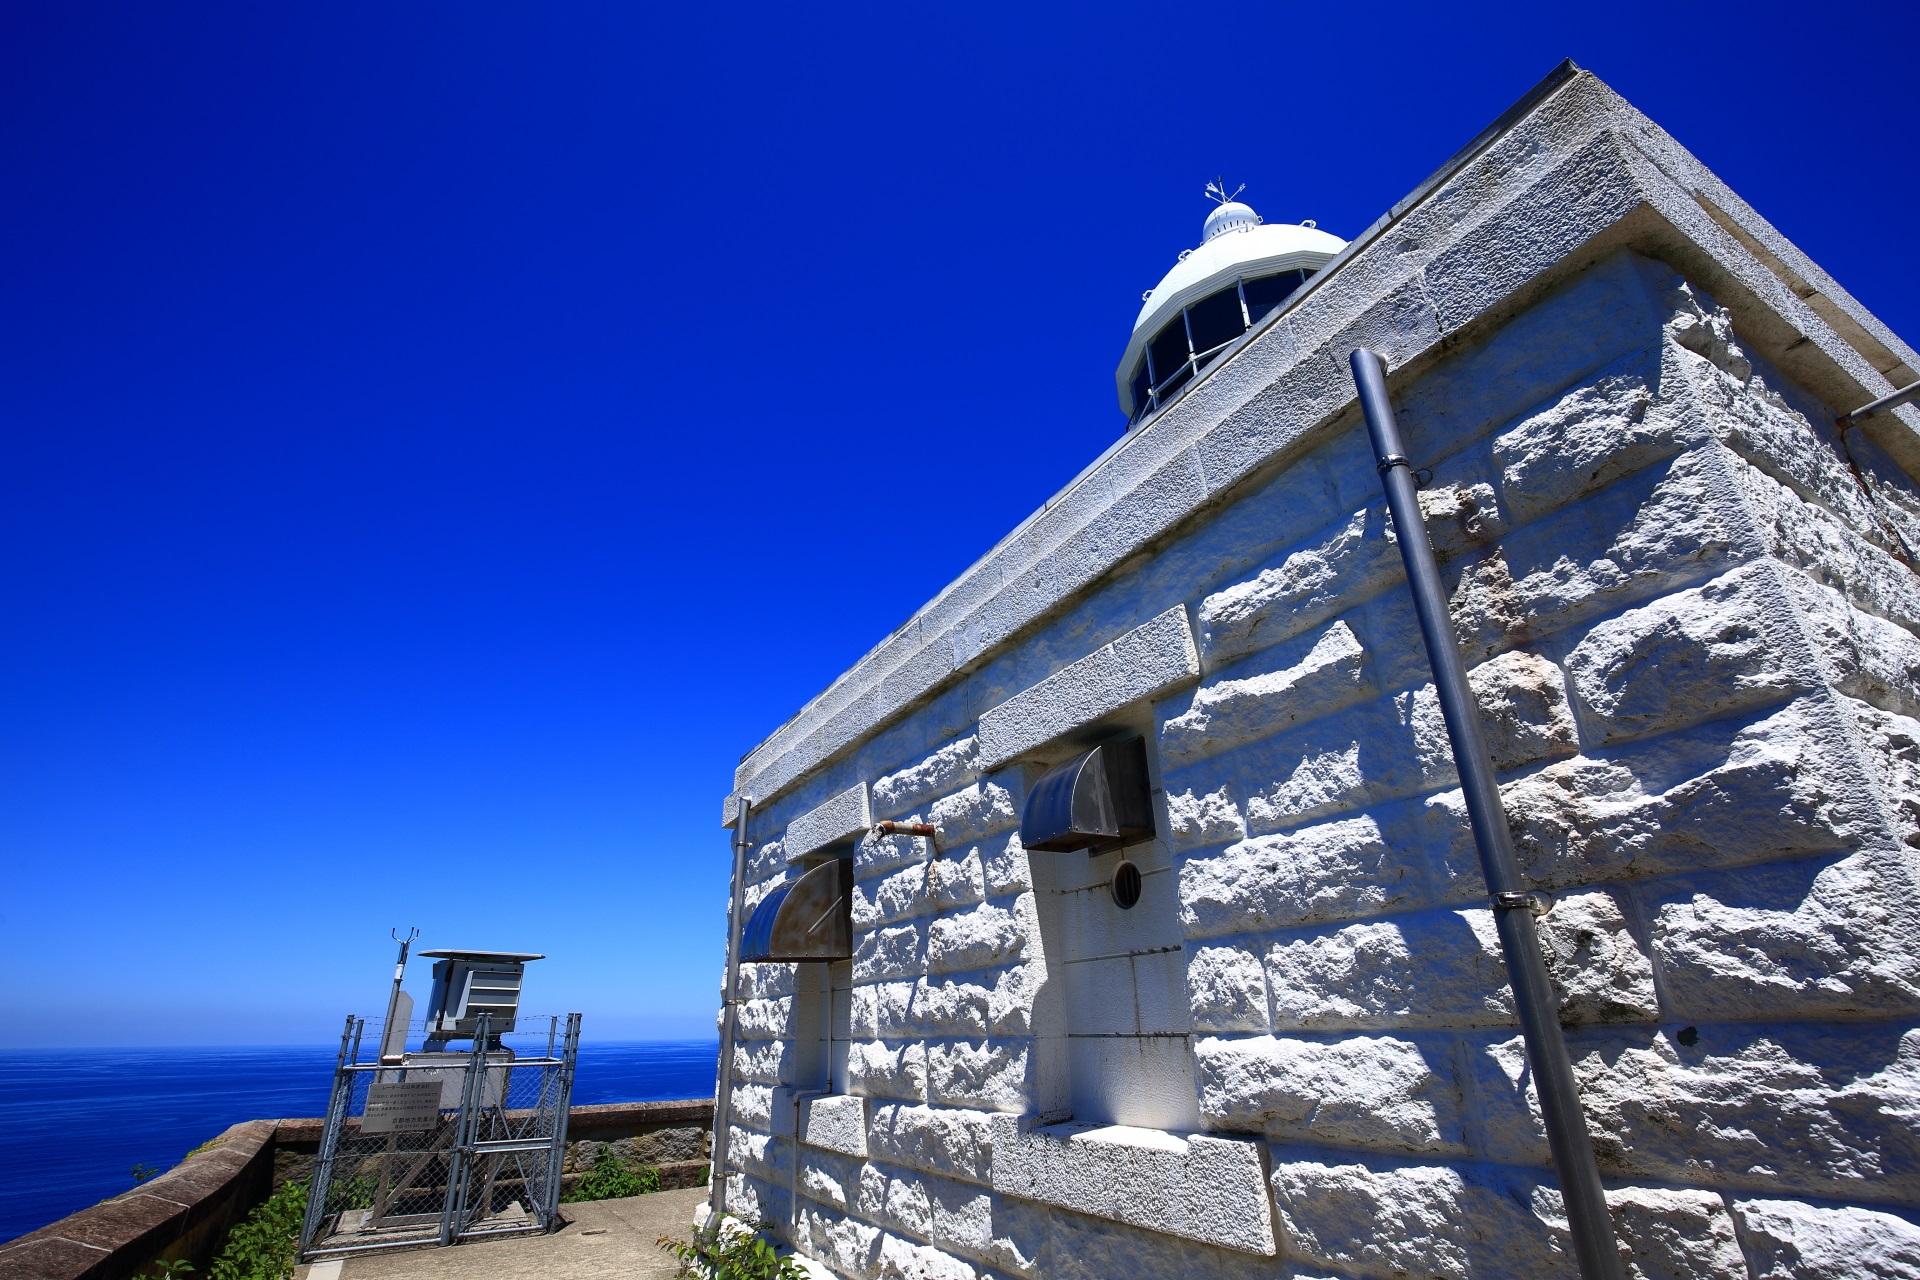 白い経ヶ岬灯台の向こうに広がる青い海